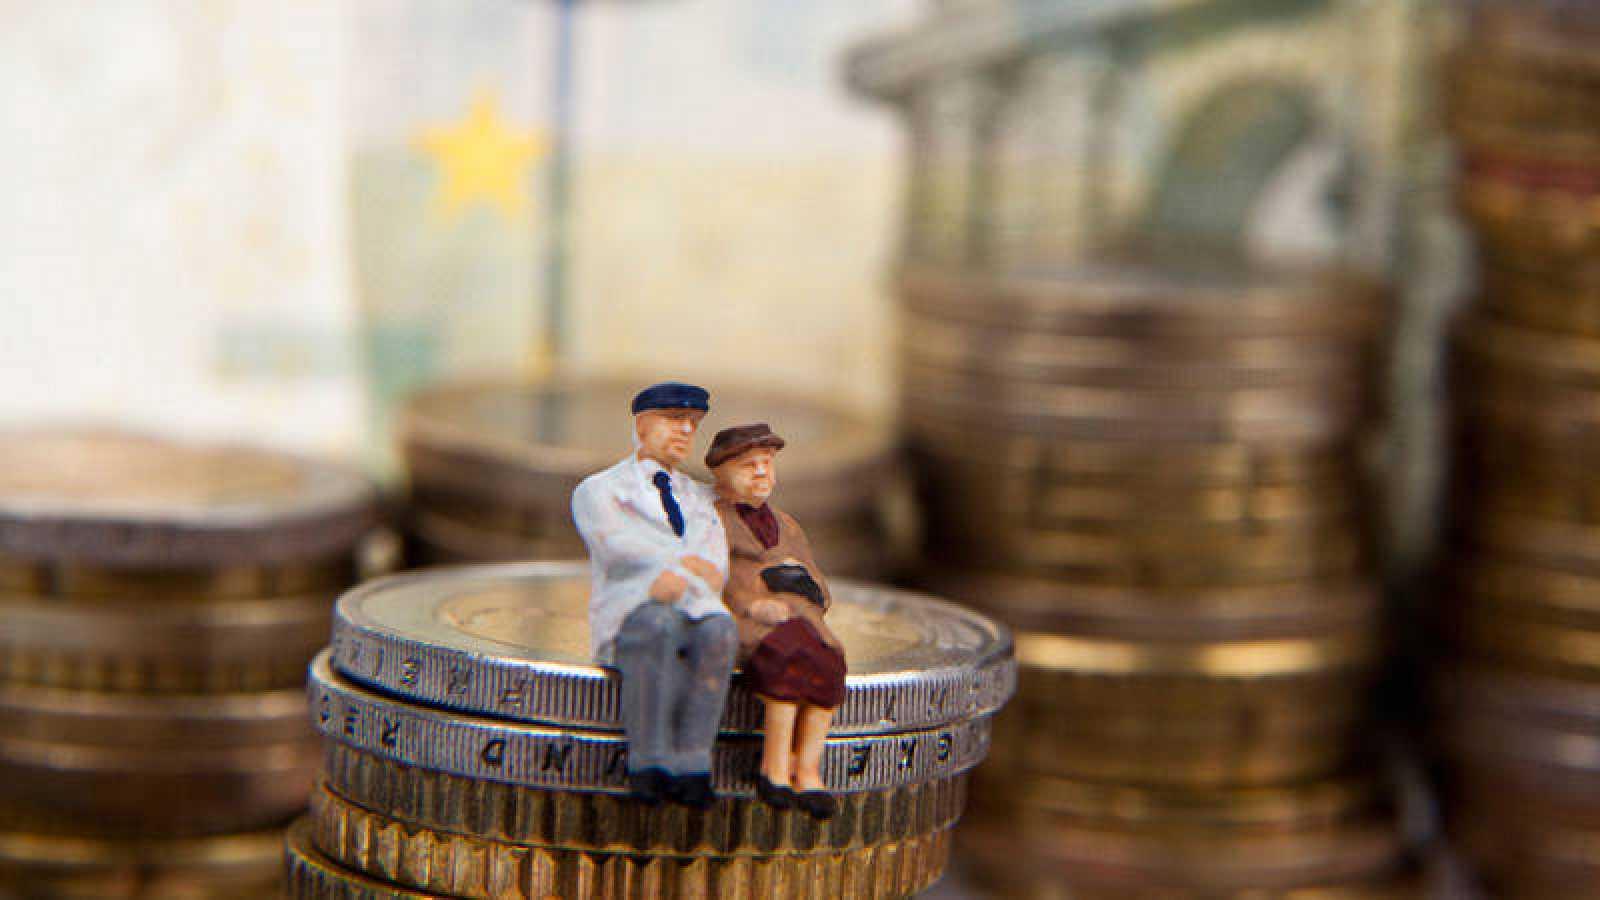 El Gobierno recurrió por primera vez en 2017 a la fórmula del préstamo para garantizar el pago de las pensiones